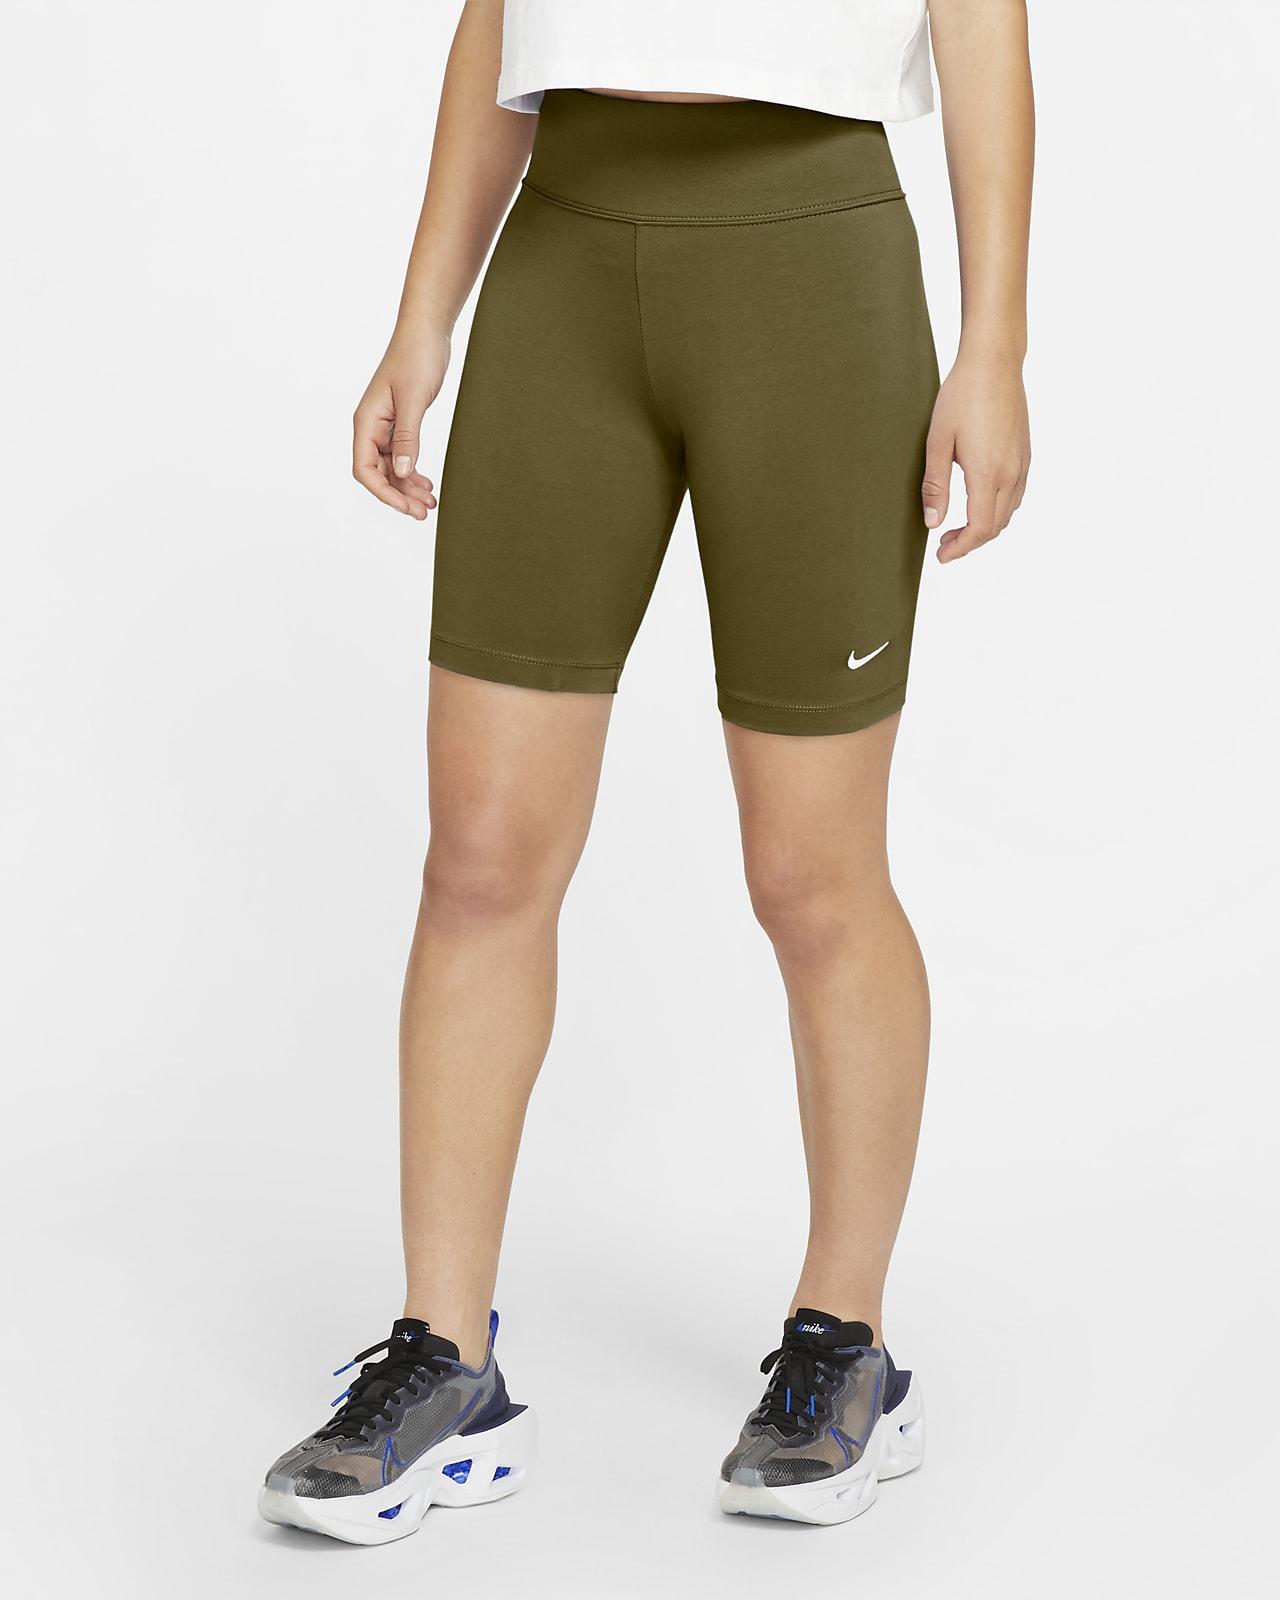 Nike Sportswear Leg-A-See Damen-Radshorts